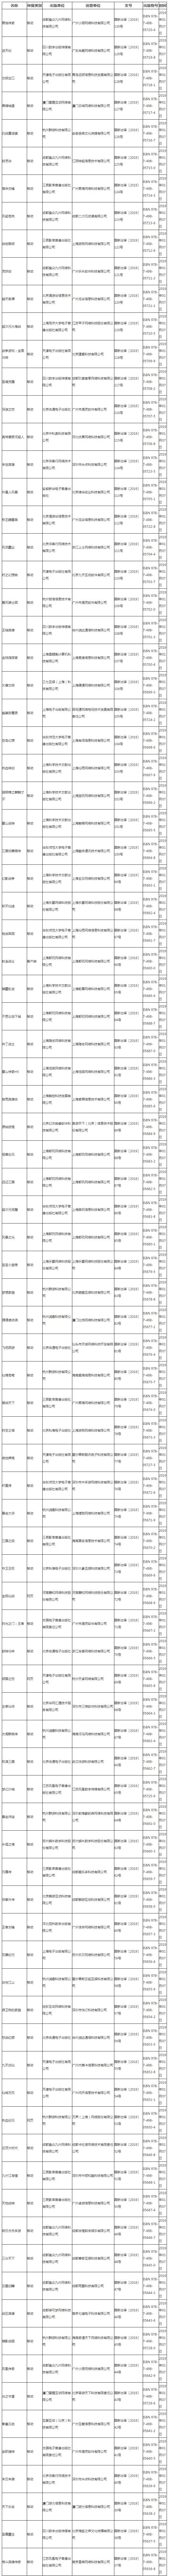 2019年1月国产网游审批信息公开 腾讯网易继续缺席